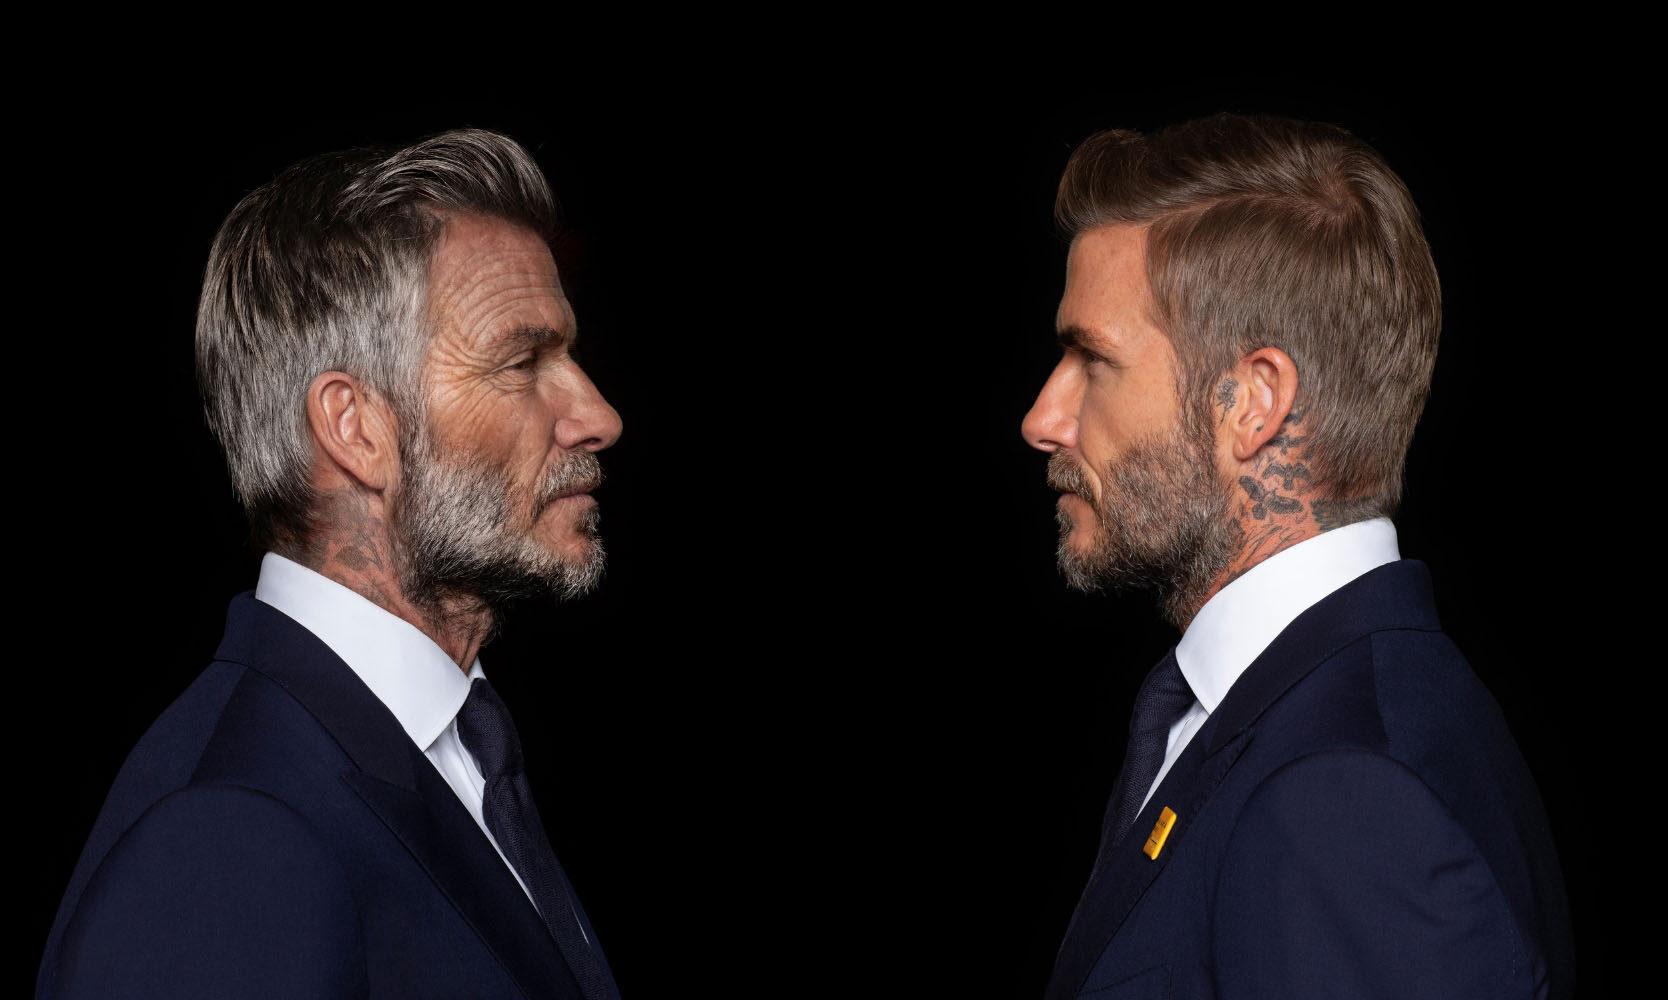 David Beckham Face To Face